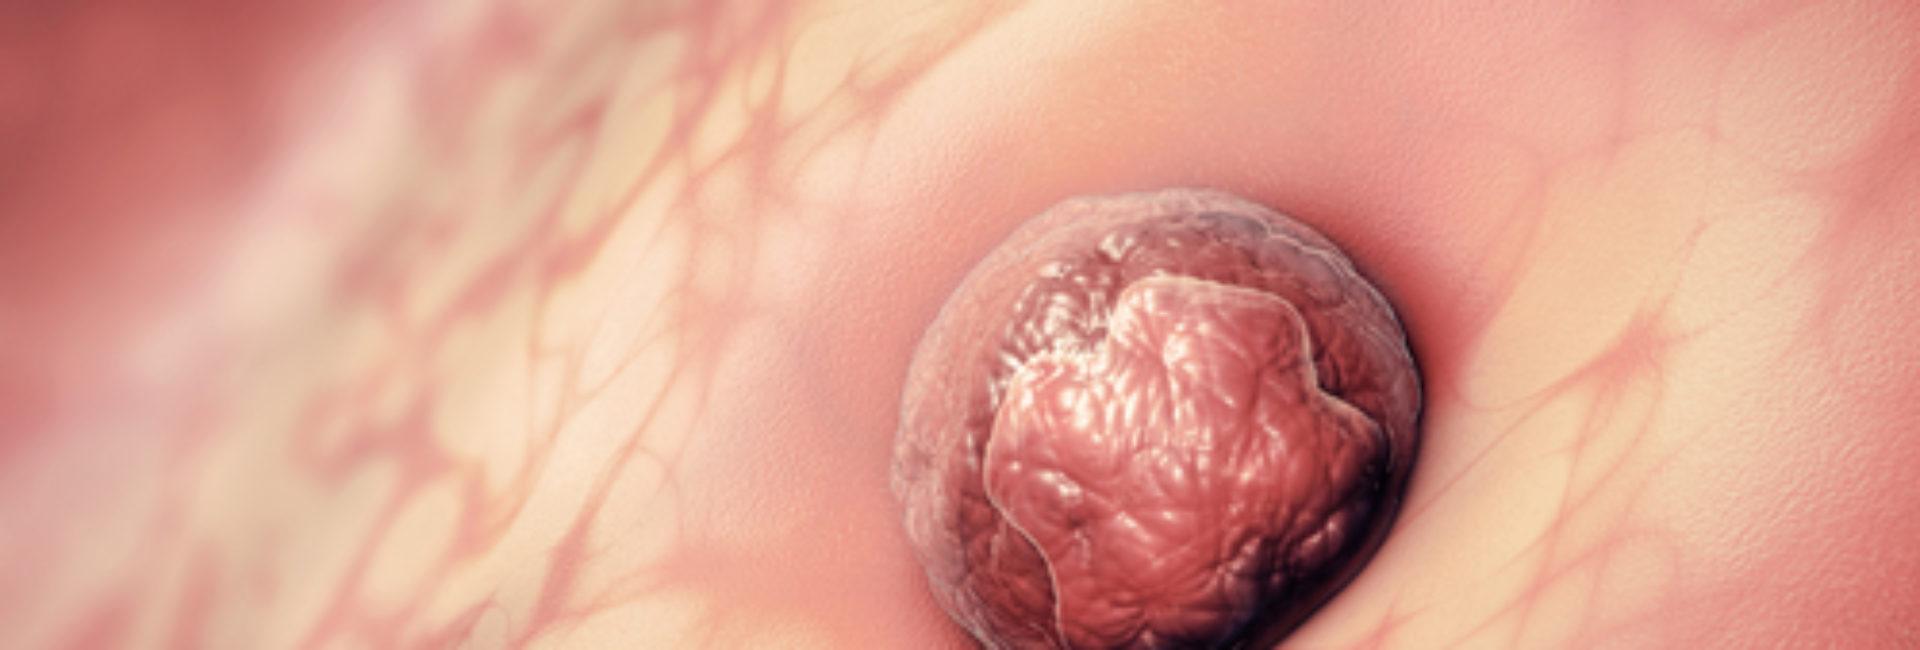 Embryo fester seg til livmorslimhinnen